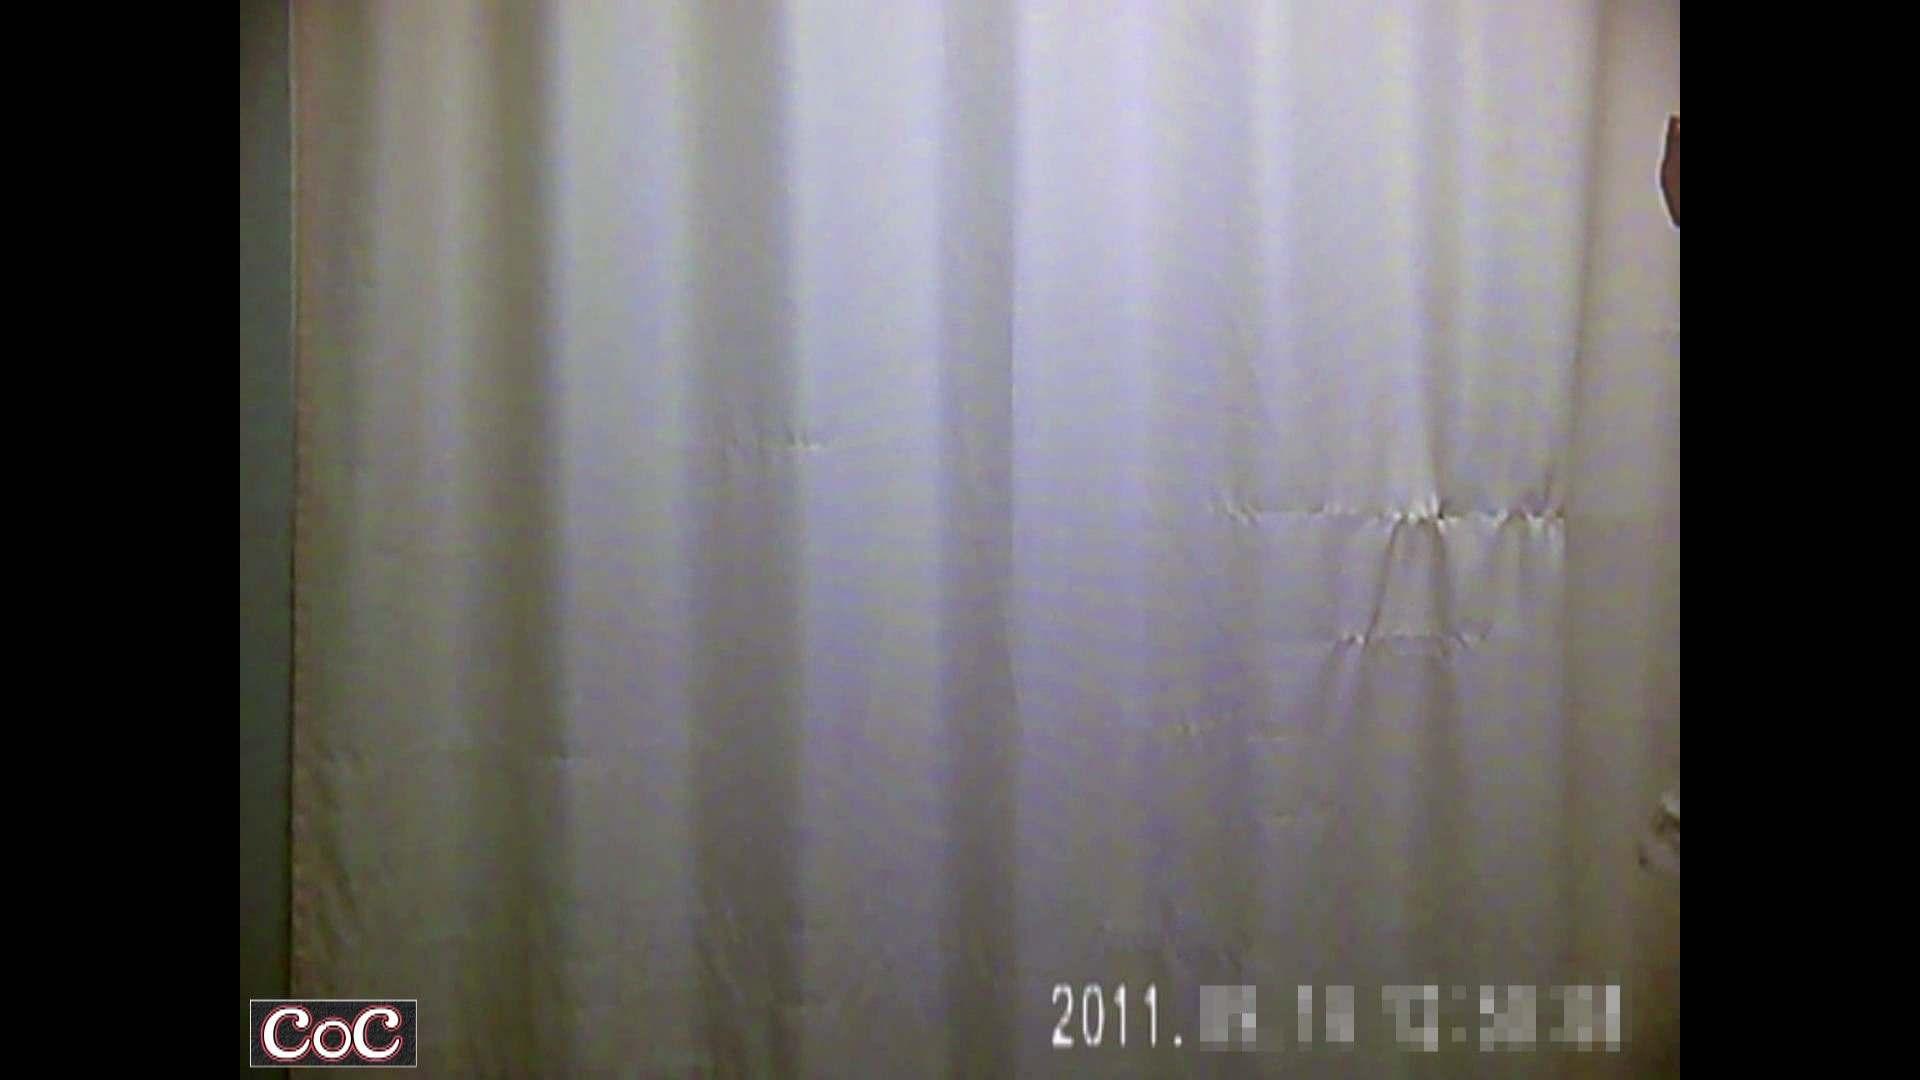 病院おもいっきり着替え! vol.24 盗撮 のぞき動画画像 100PIX 23